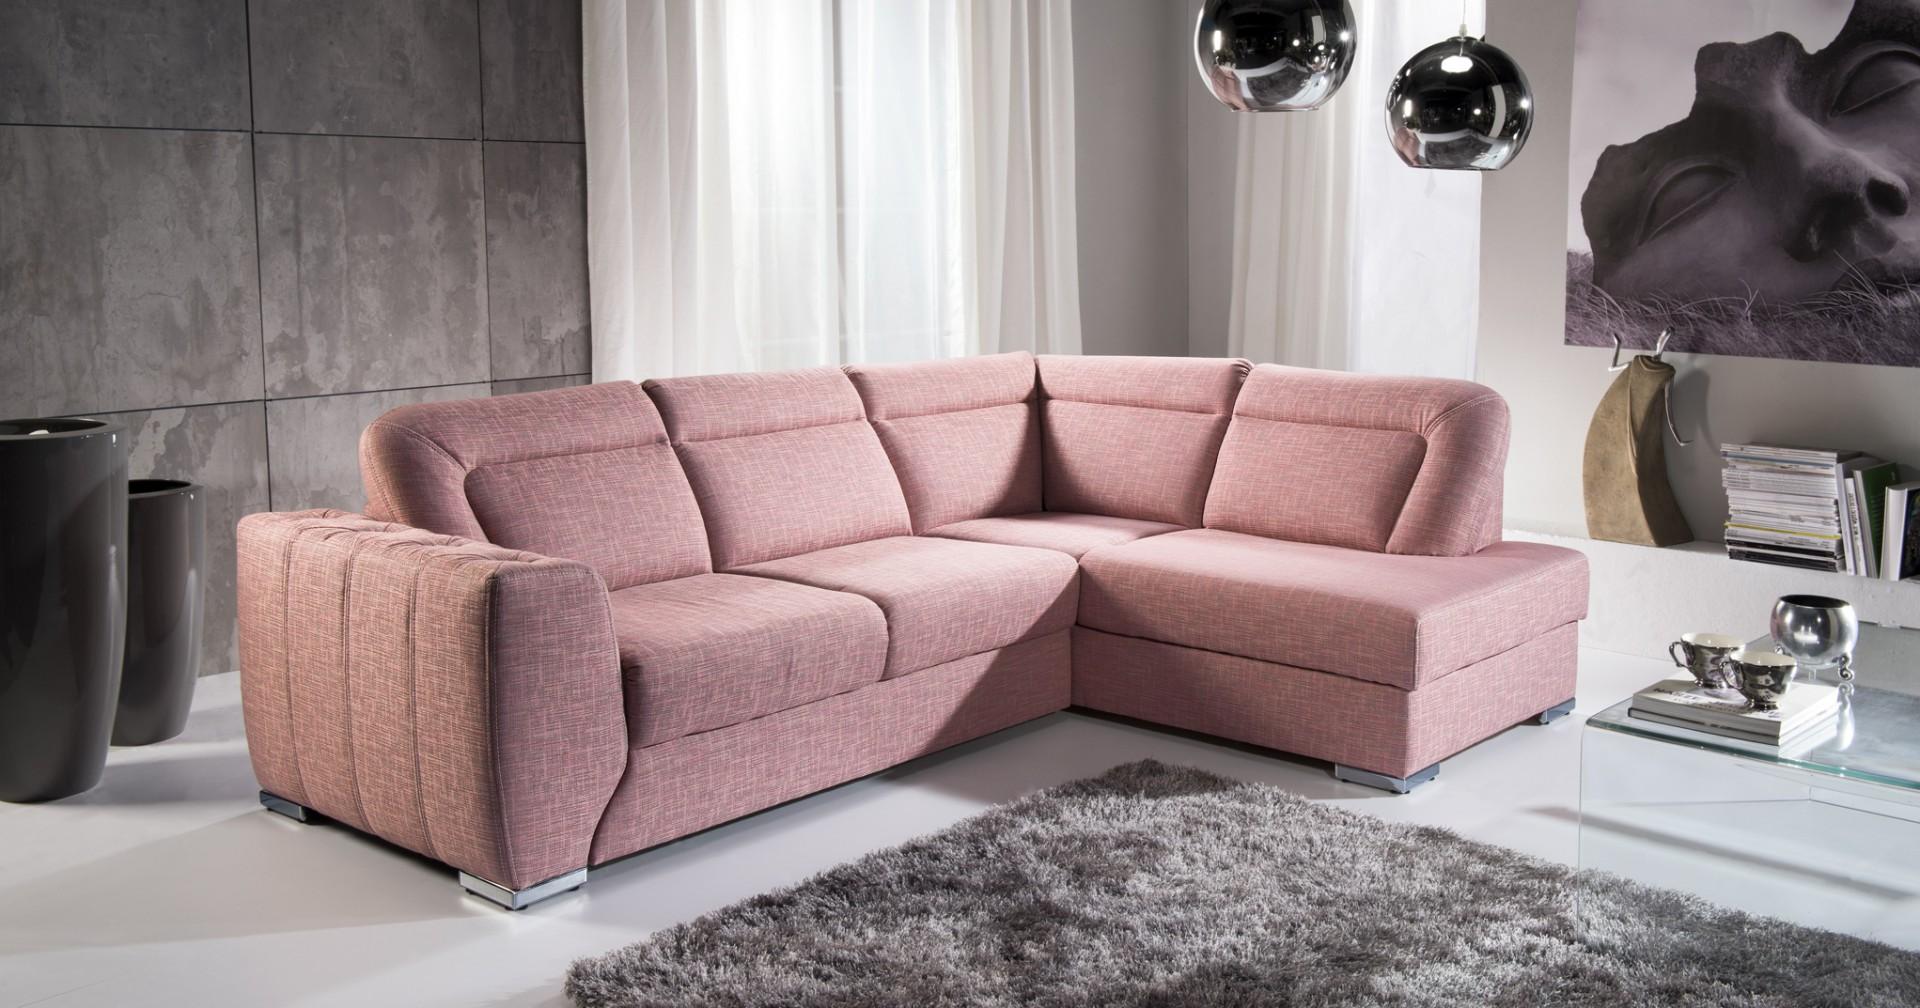 Sofa Hamond ma funkcję spania i zapewnia dużą wygodę. Elementem ozdobnym jest pikowany boczek, który nadaje bryle elegancji i szyku. Fot. Libro